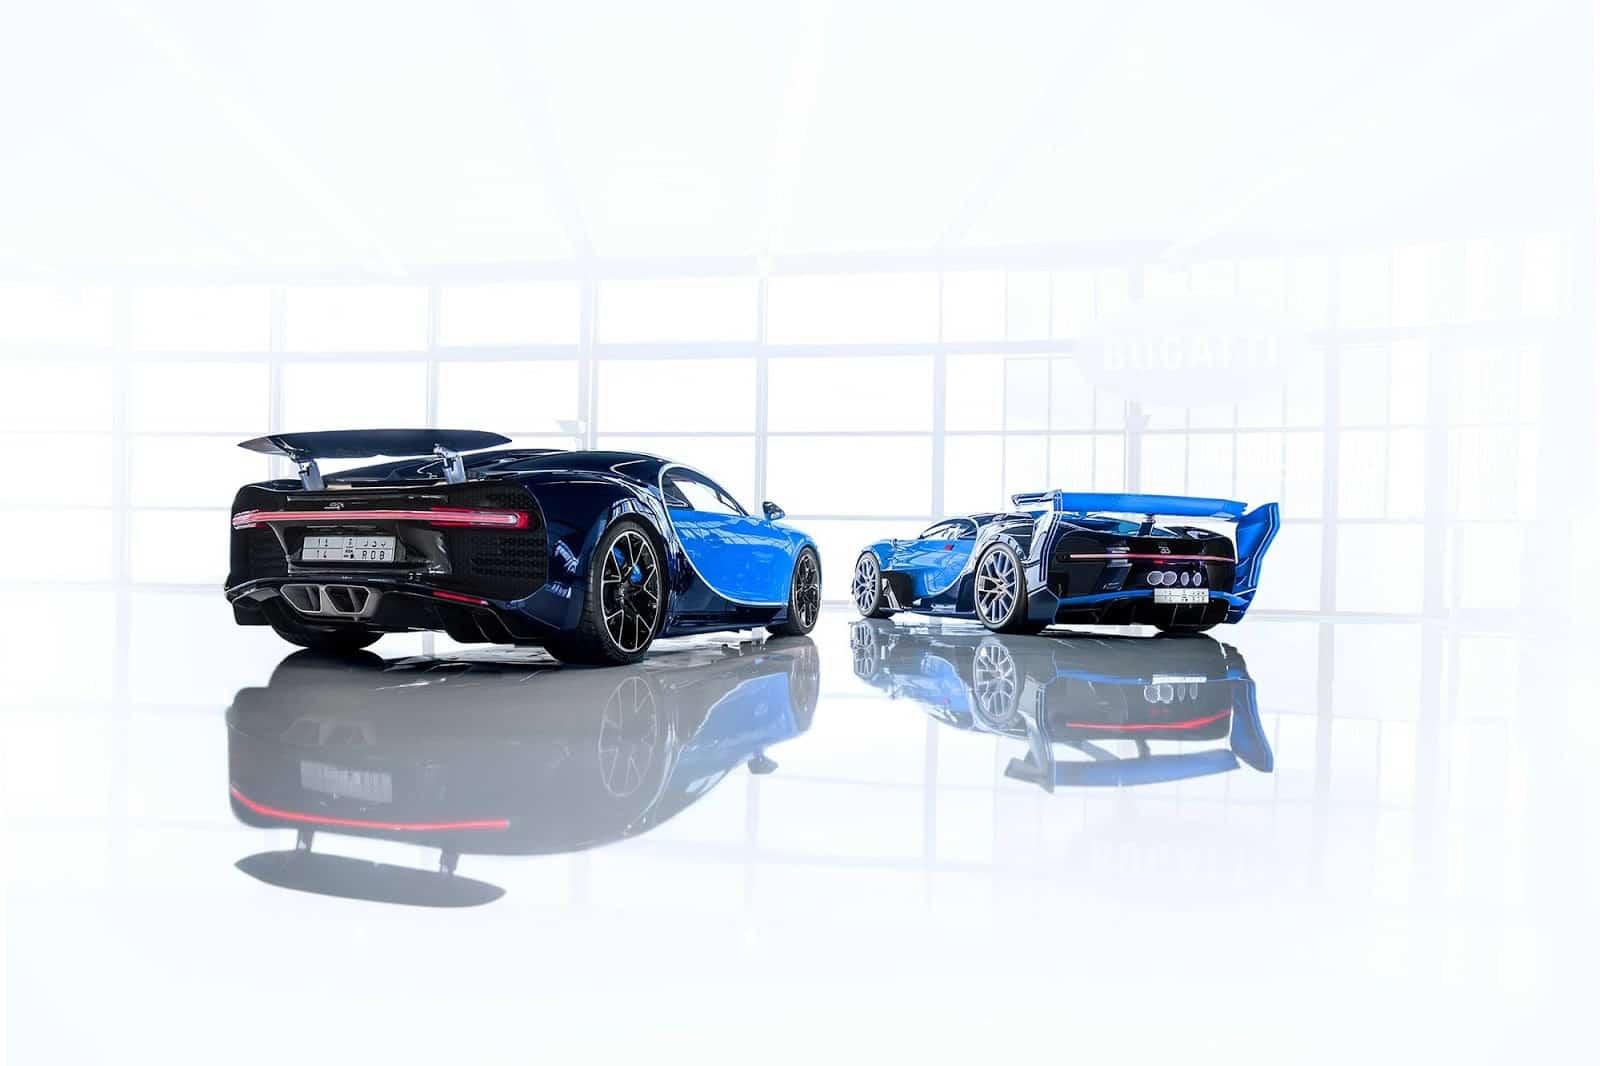 Bugatti Chiron And the Vision Gran Turismo Concept